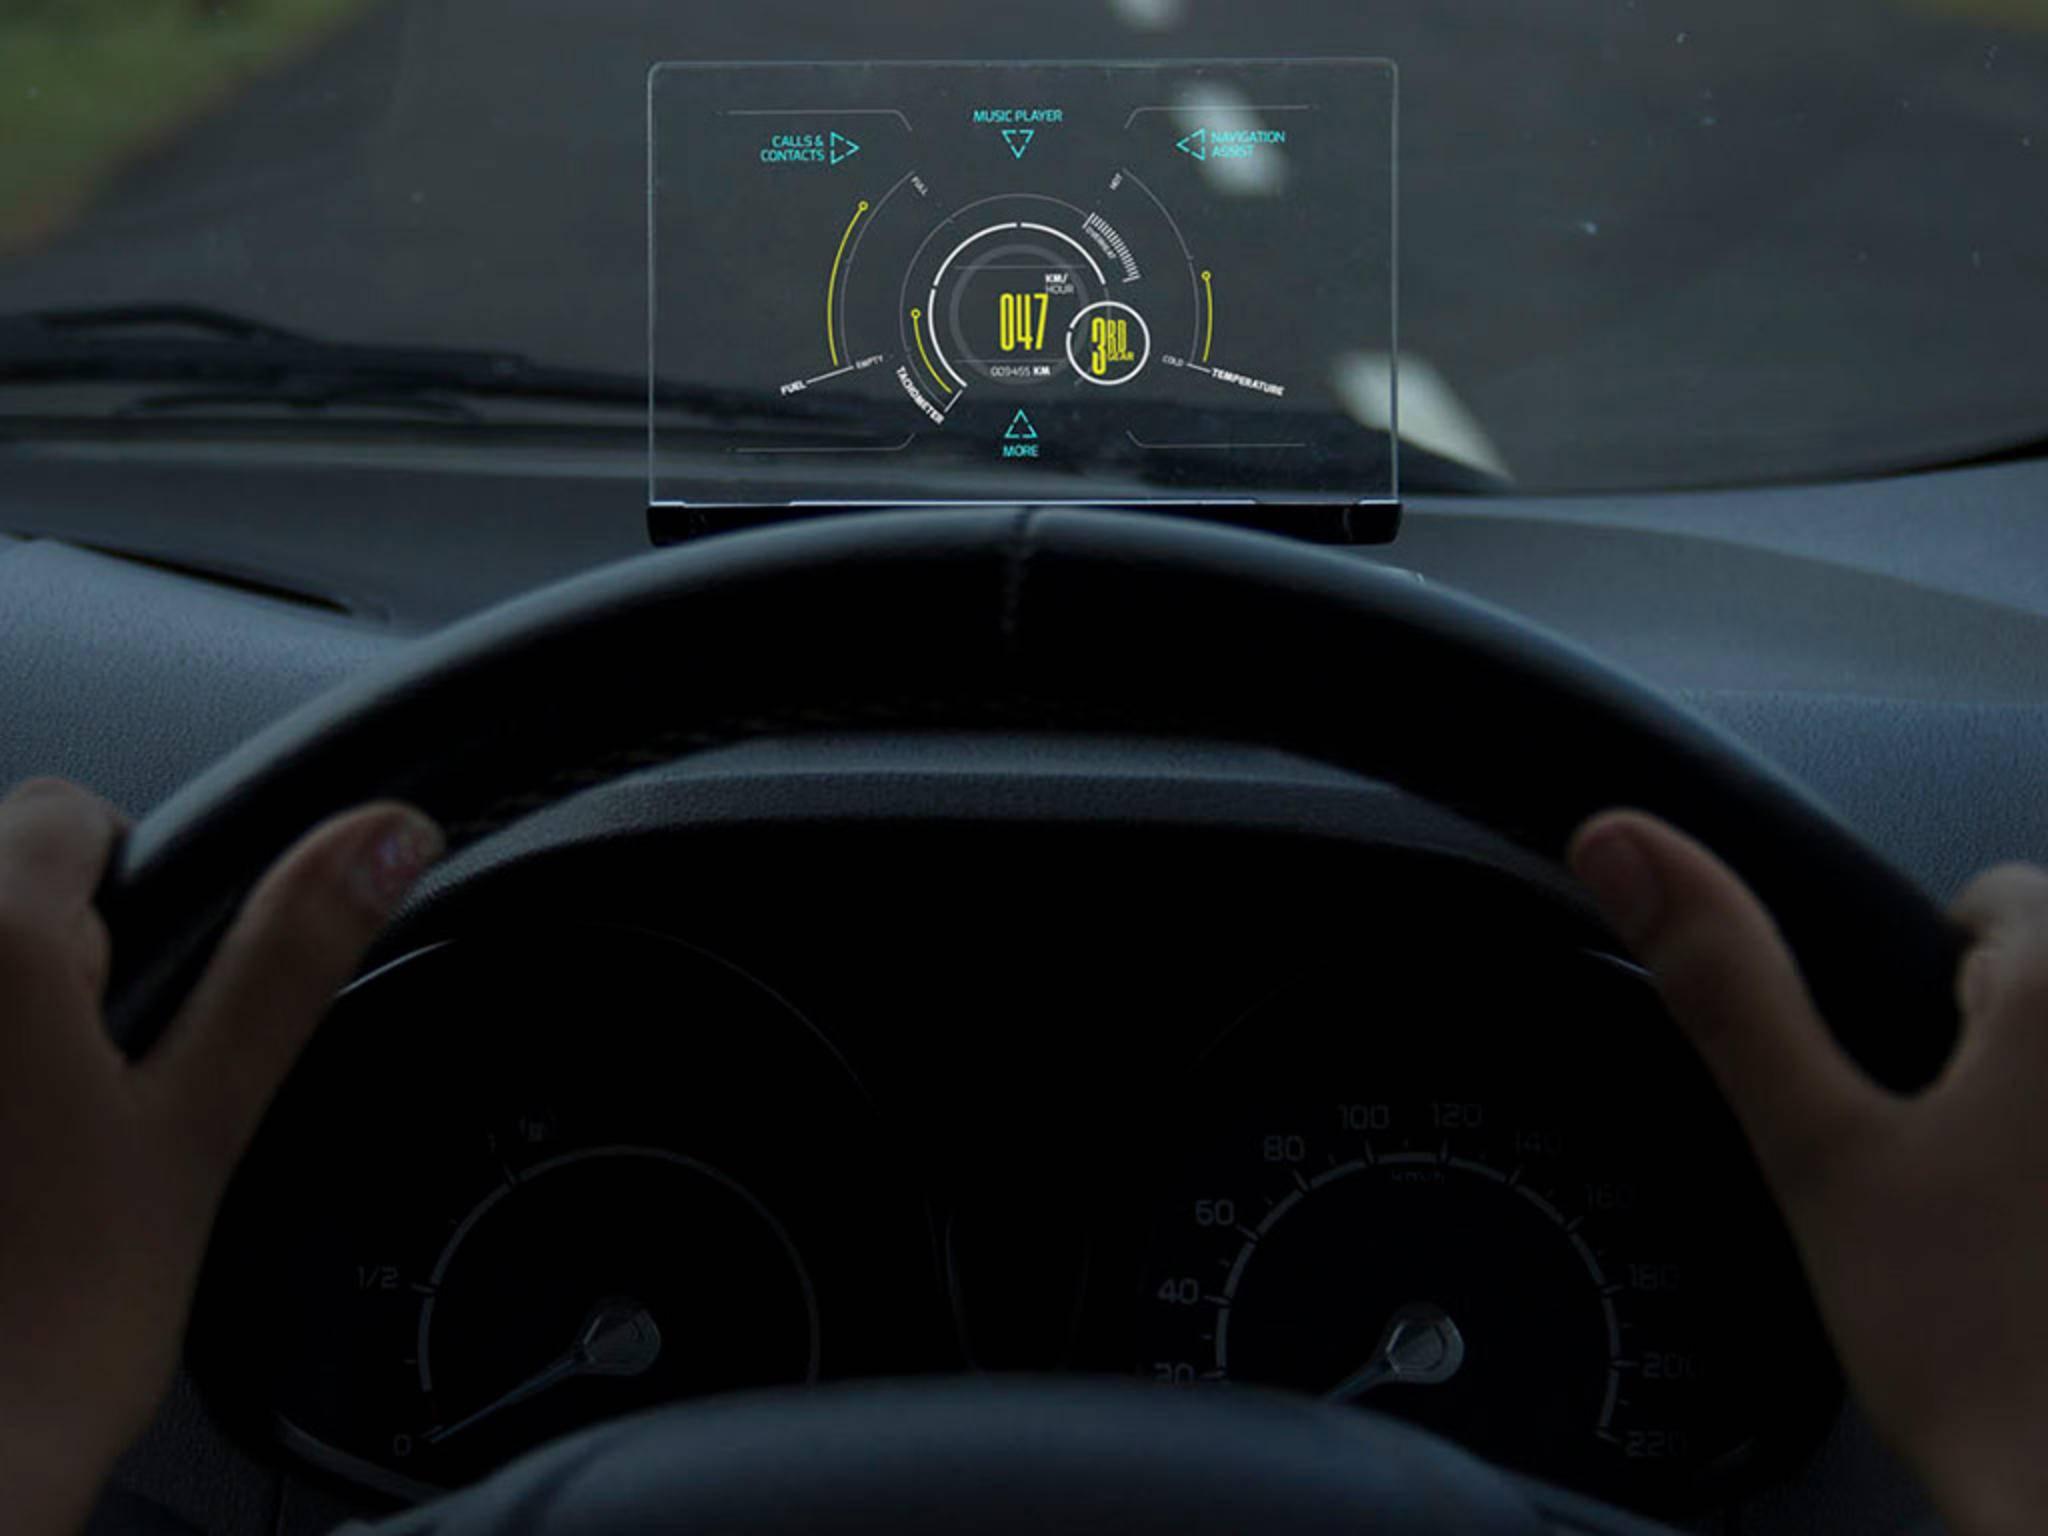 Selbst Geschwindigkeit, Benzinstand und andere Werte können ausgelesen werden.